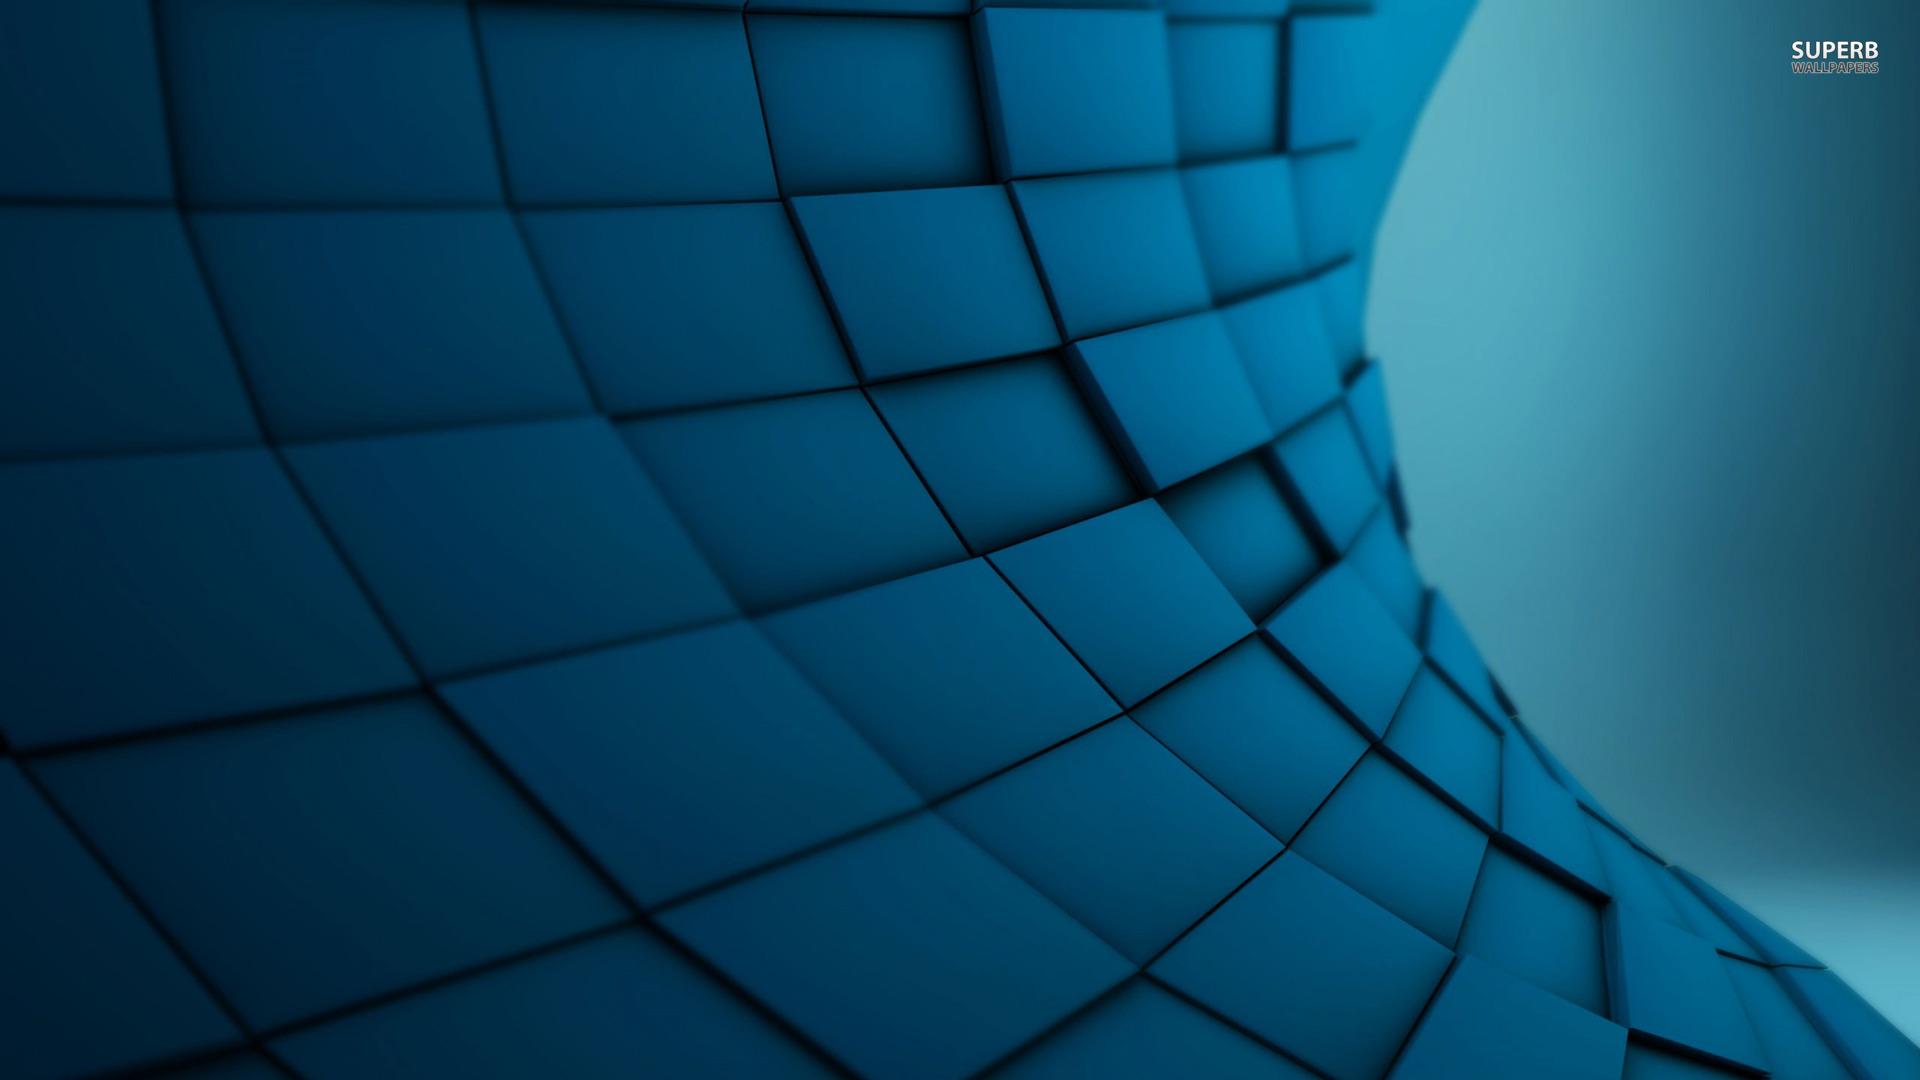 Blue tiles wallpaper 1920x1080